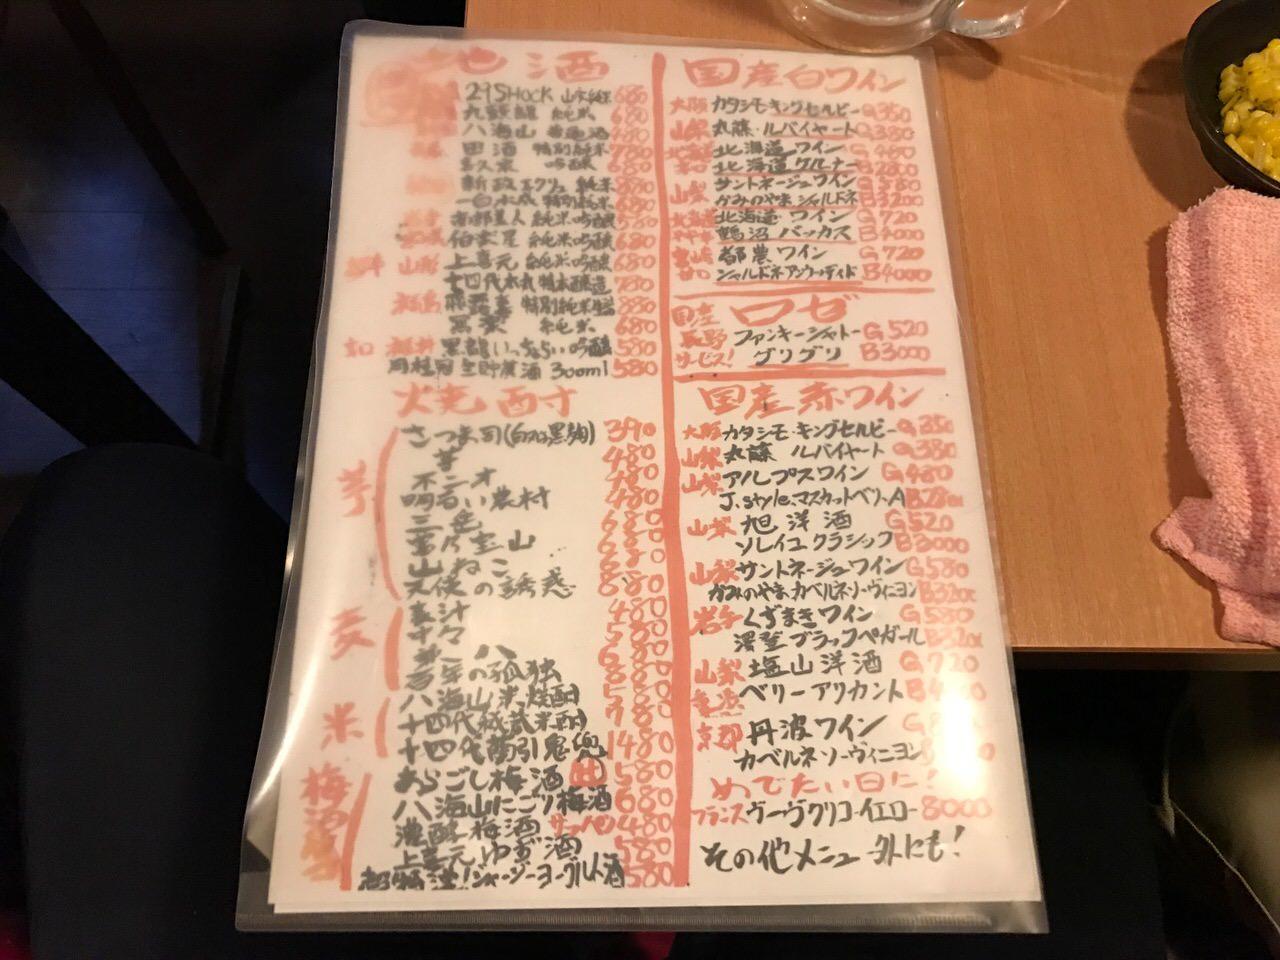 Momonjiya kanda 9662